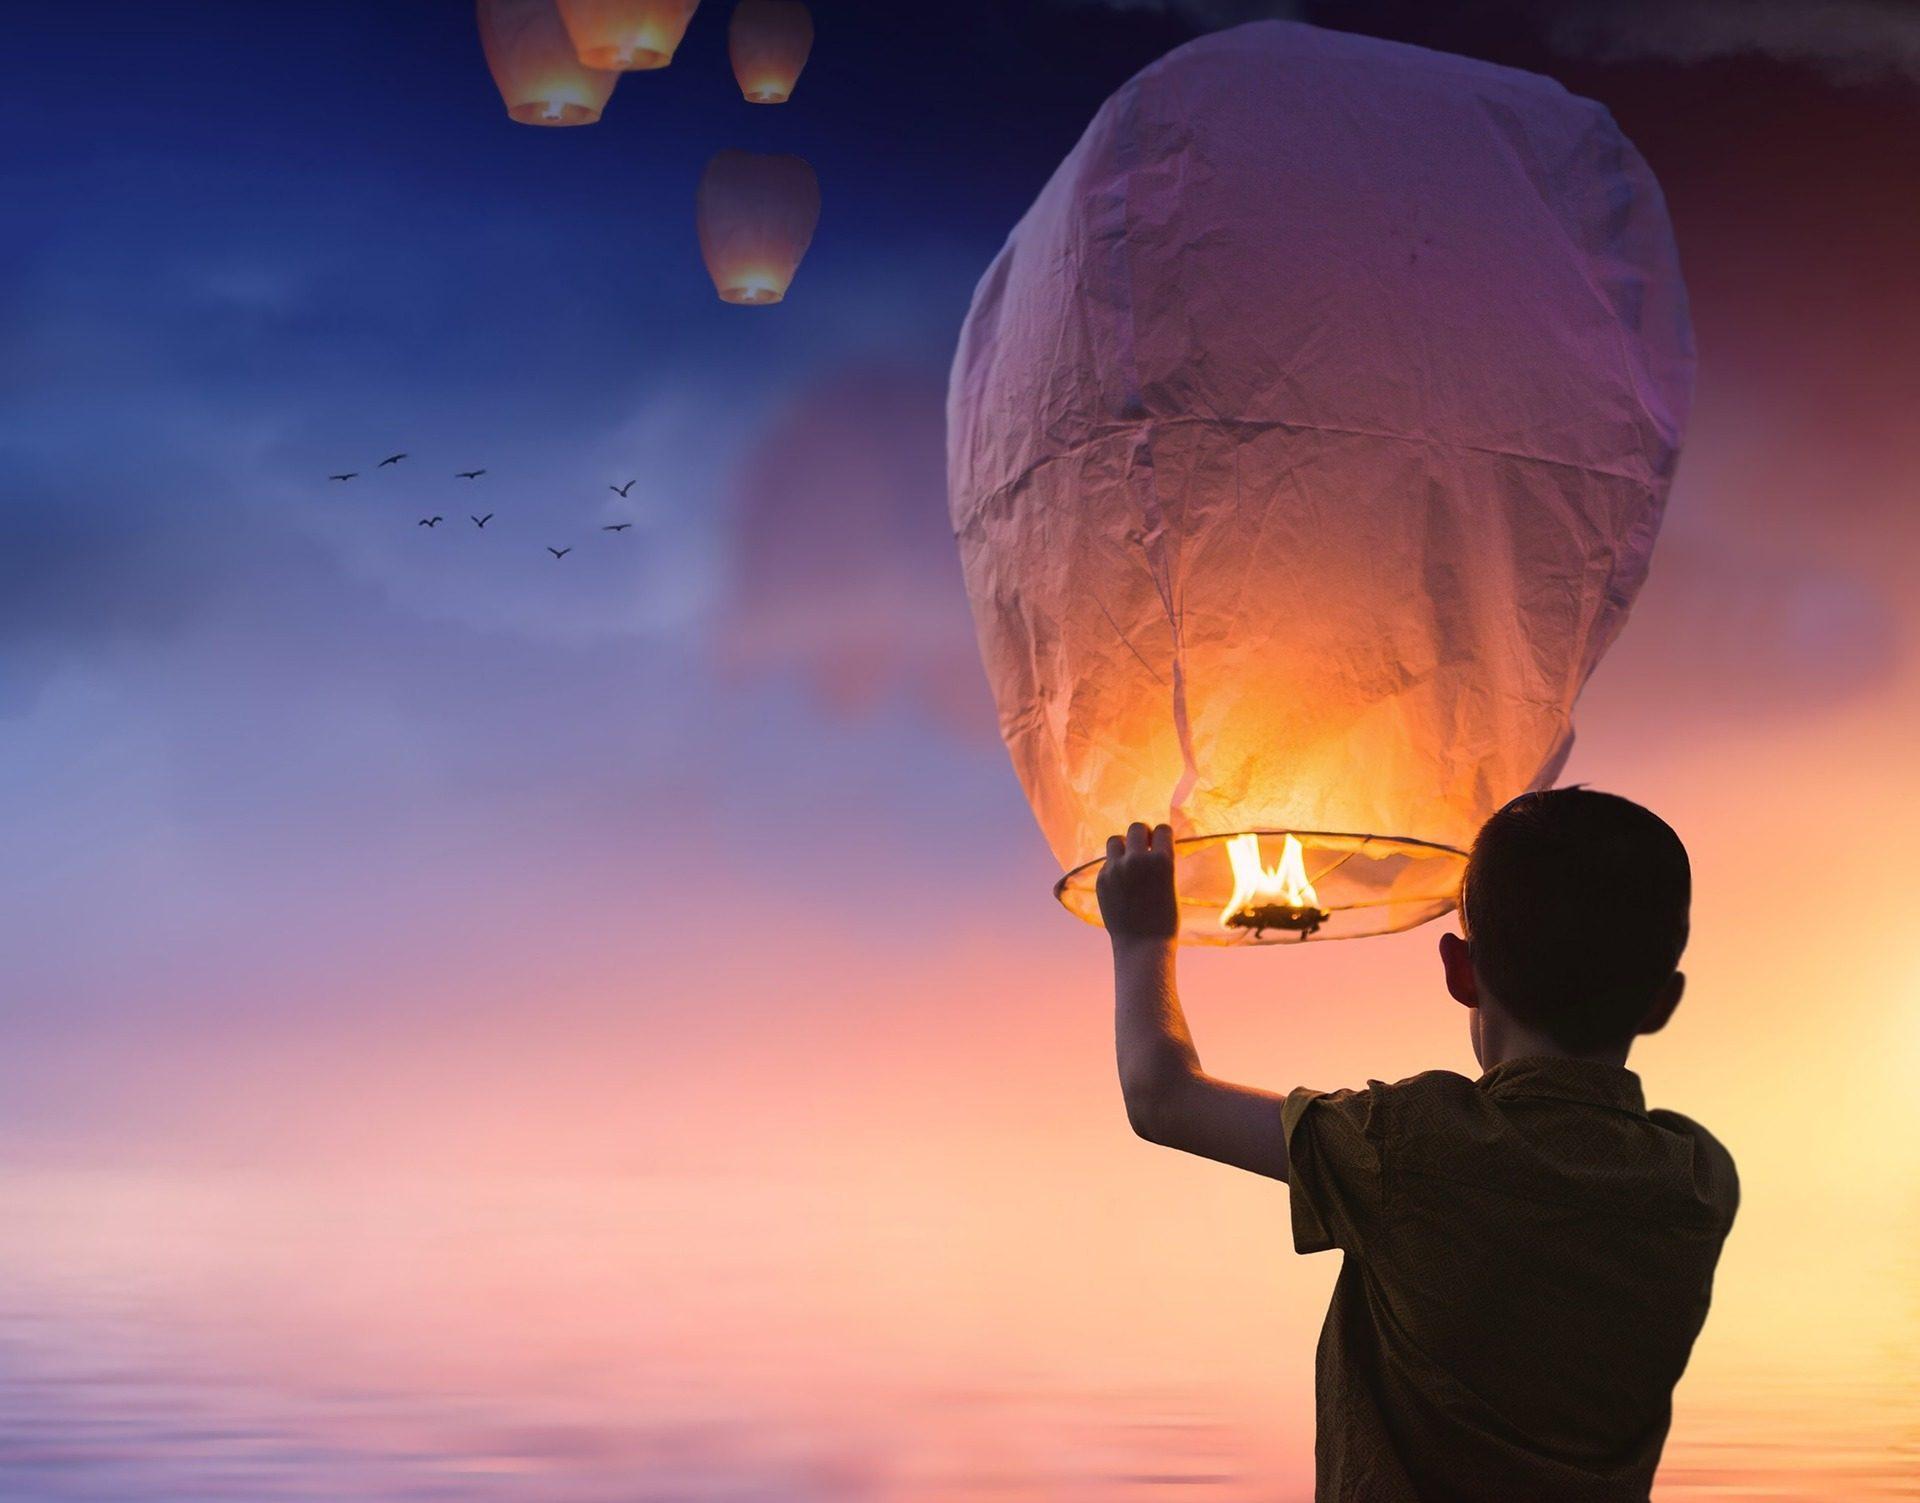 子, キャンドル, バルーン, ランプ, 飛ぶ, 願い - HD の壁紙 - 教授-falken.com